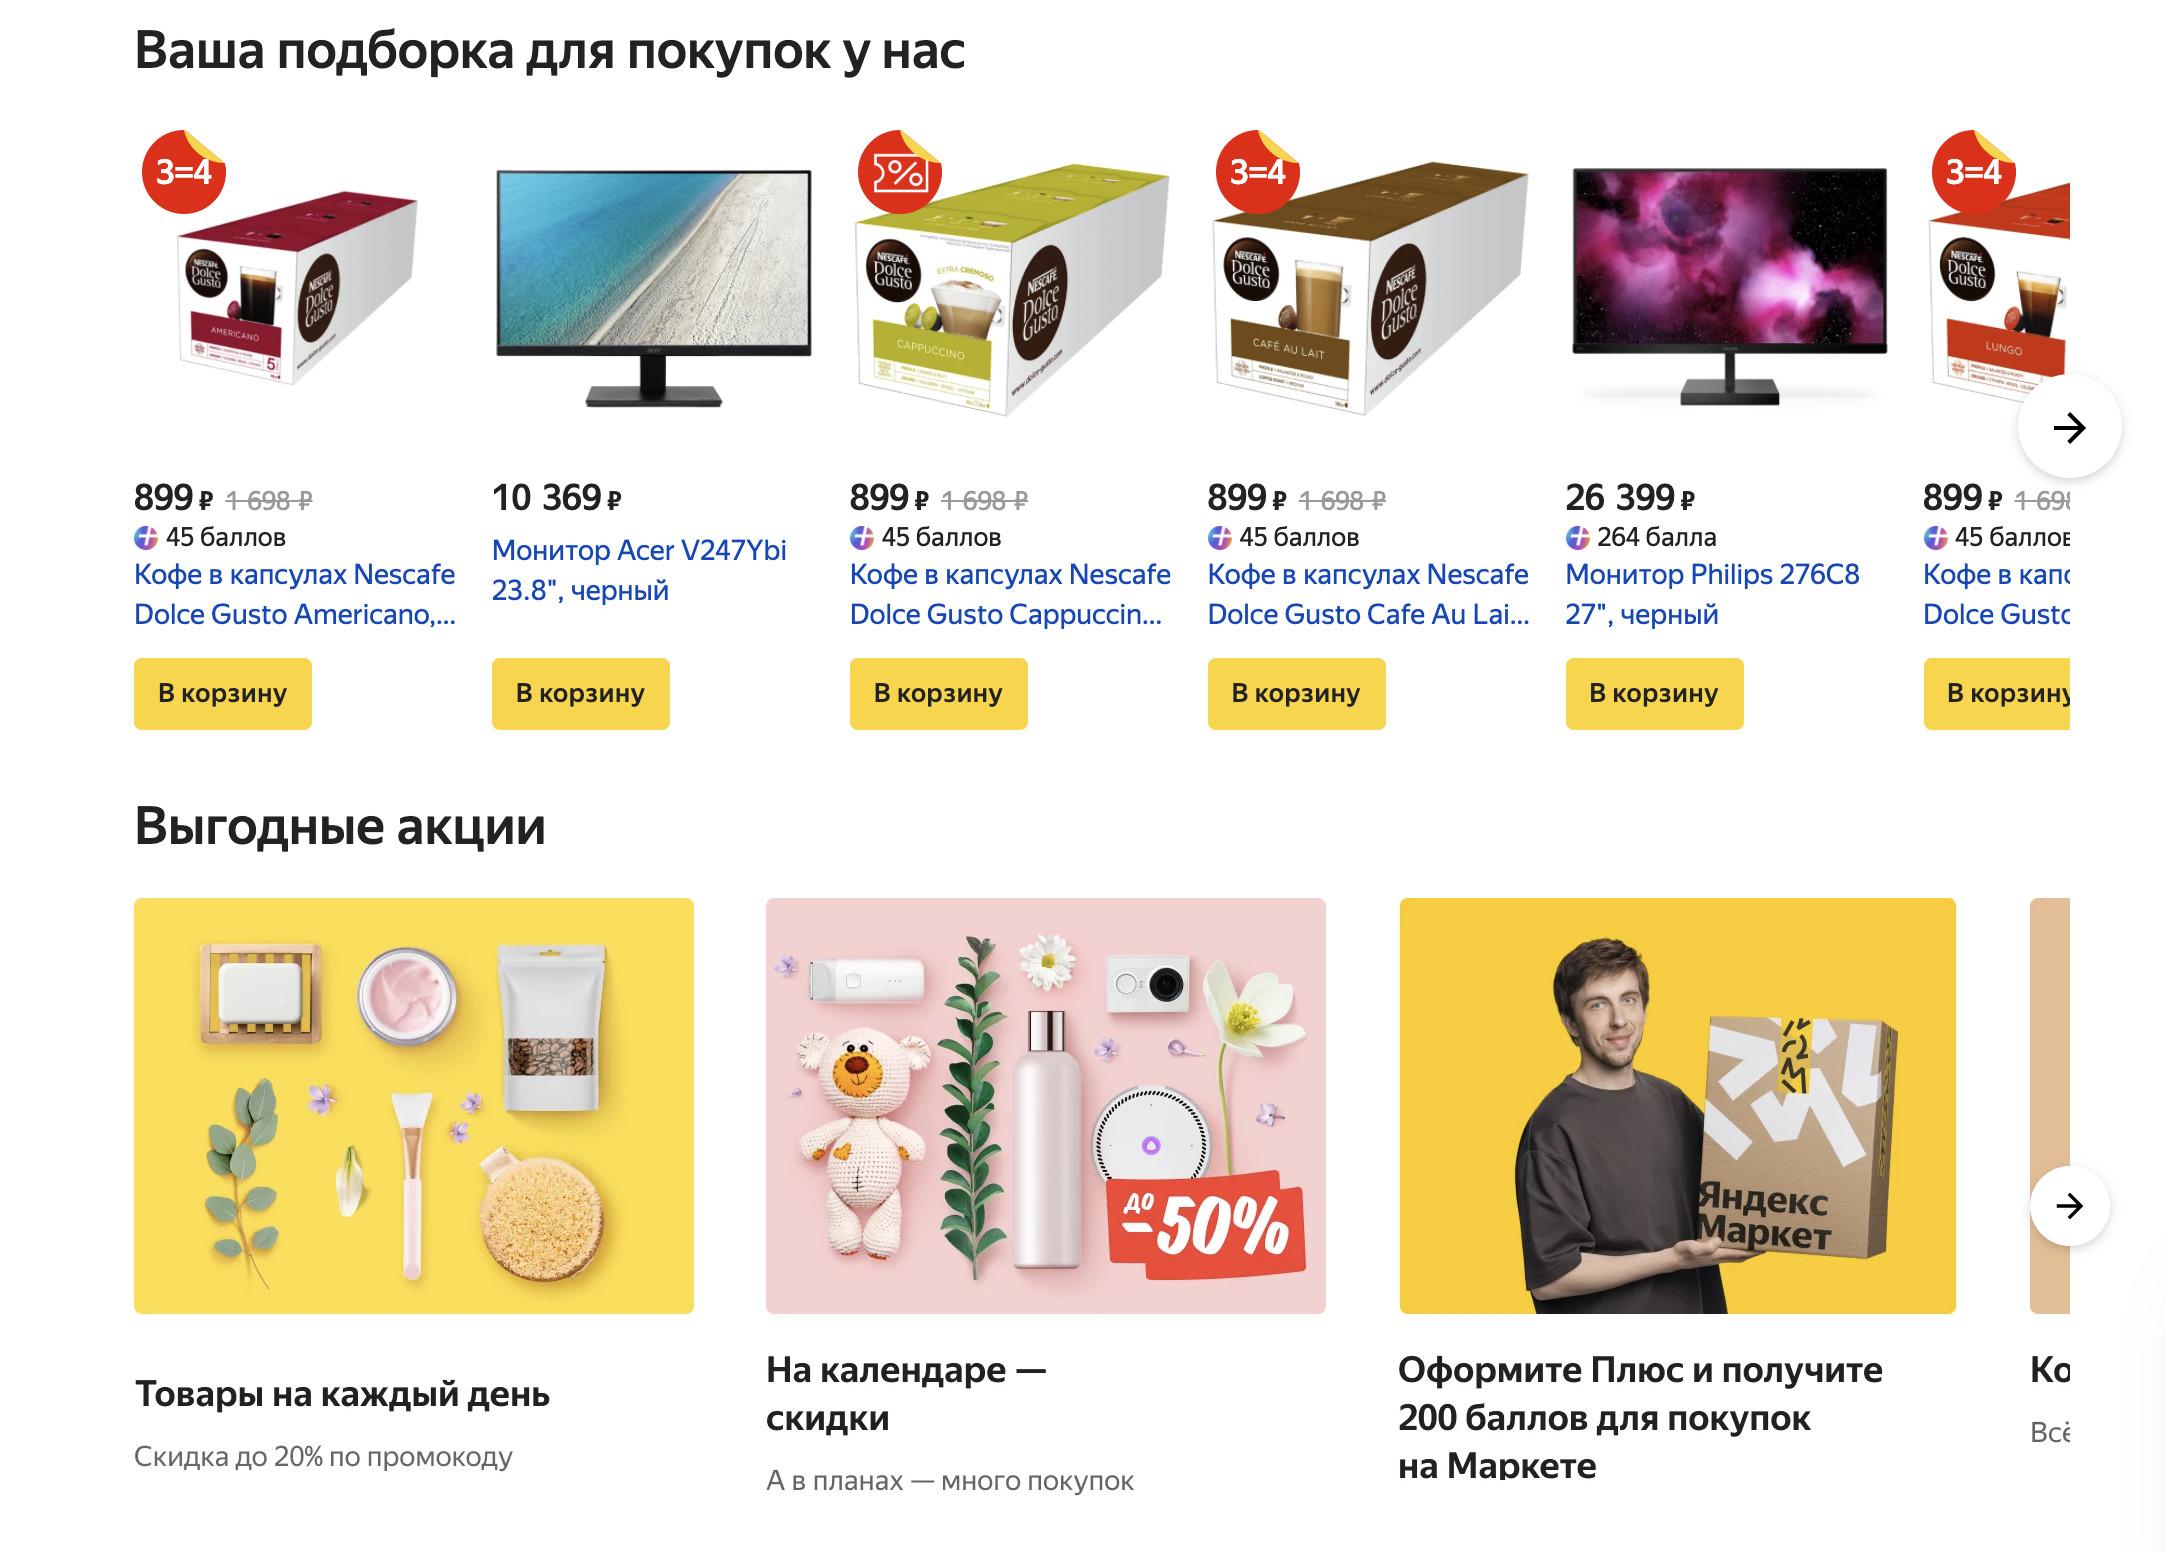 Доставка из Яндекс.Маркет в Томскую область, сроки, пункты выдачи, каталог